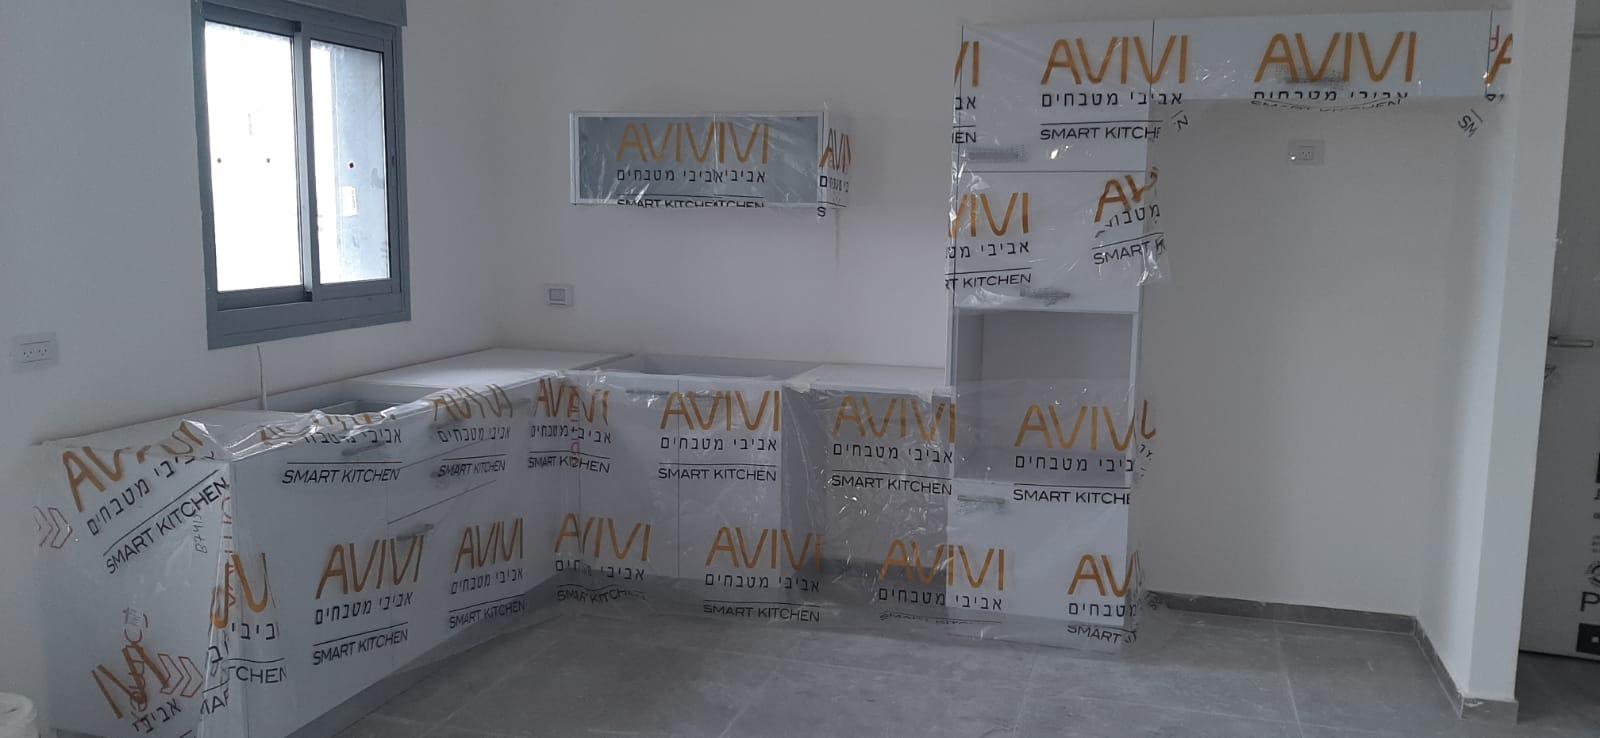 עבודות שלד קומה 19 ו 20, השלמת עבודות טיח וריצוף בקומות הגבוהות 23.02.2021